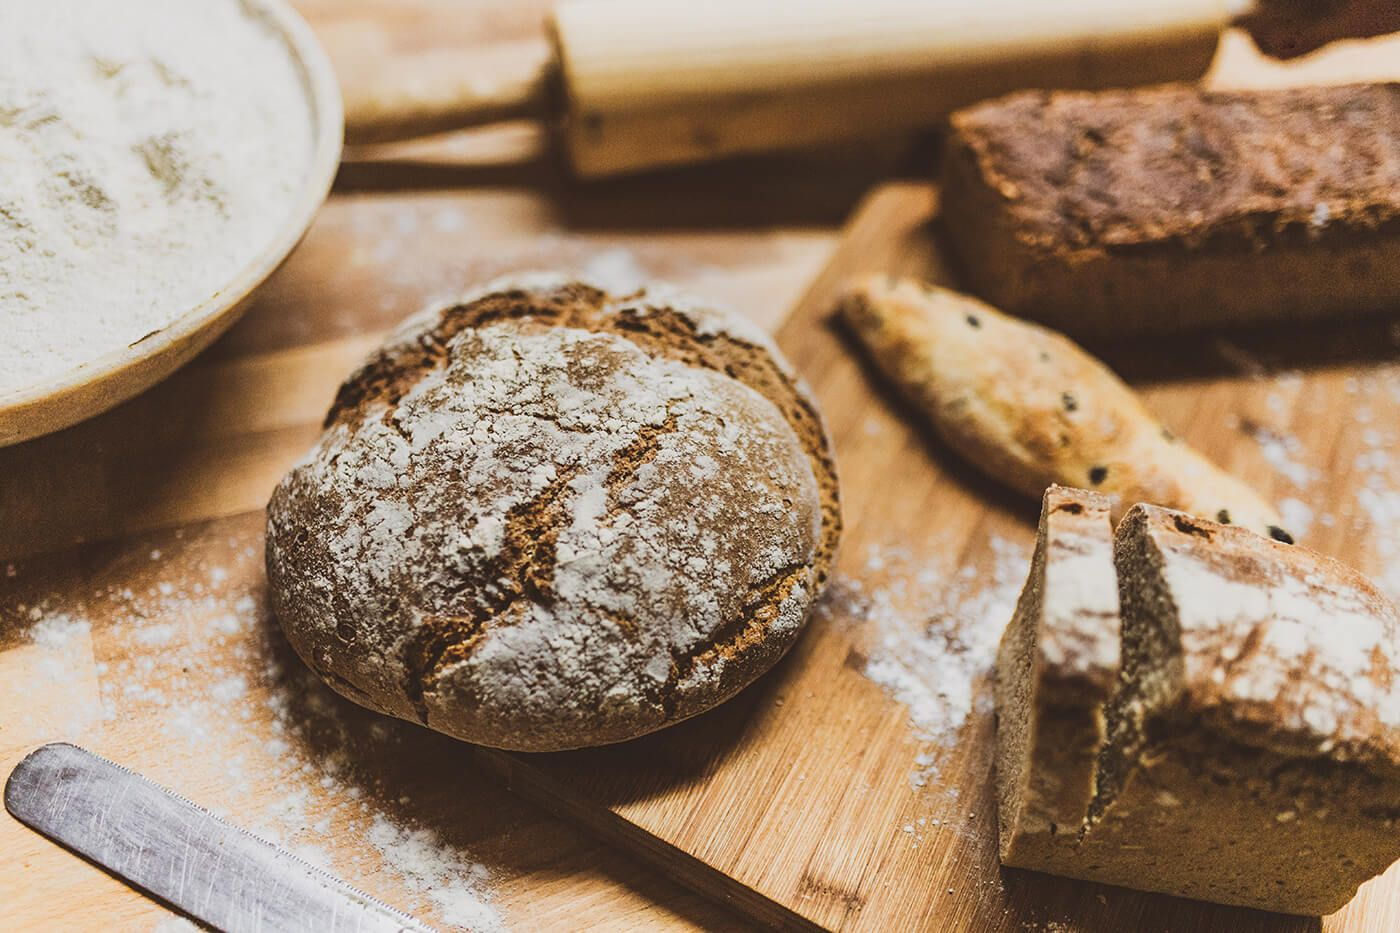 Stilleben mit frischem Brot und anderen Backwaren